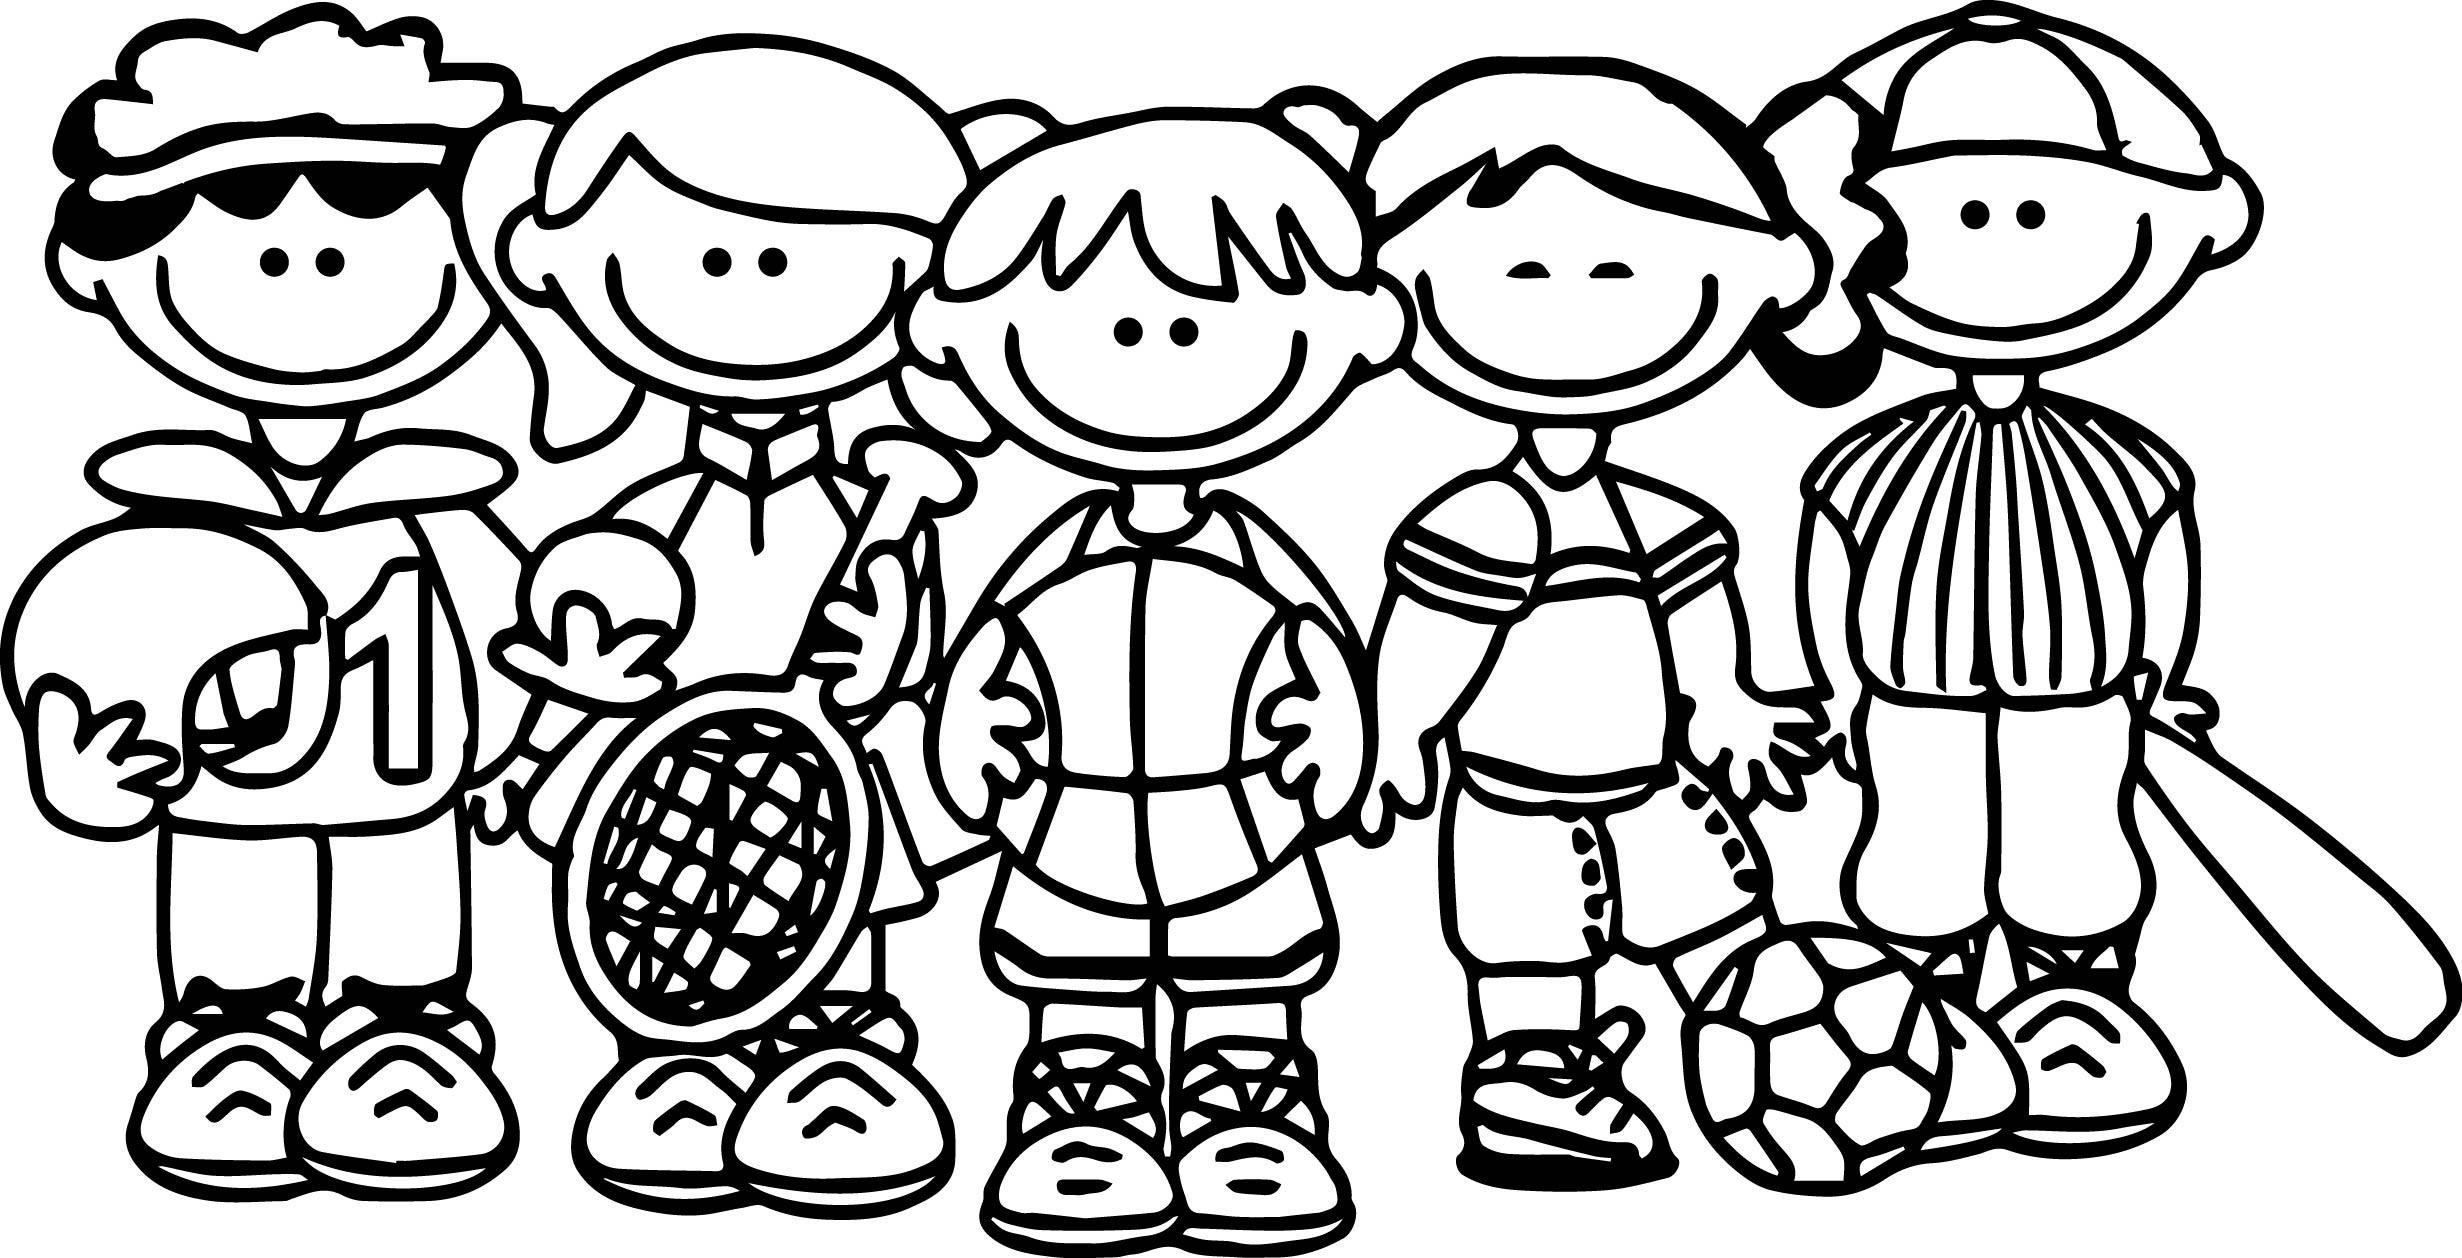 sport team kids coloring page. Black Bedroom Furniture Sets. Home Design Ideas